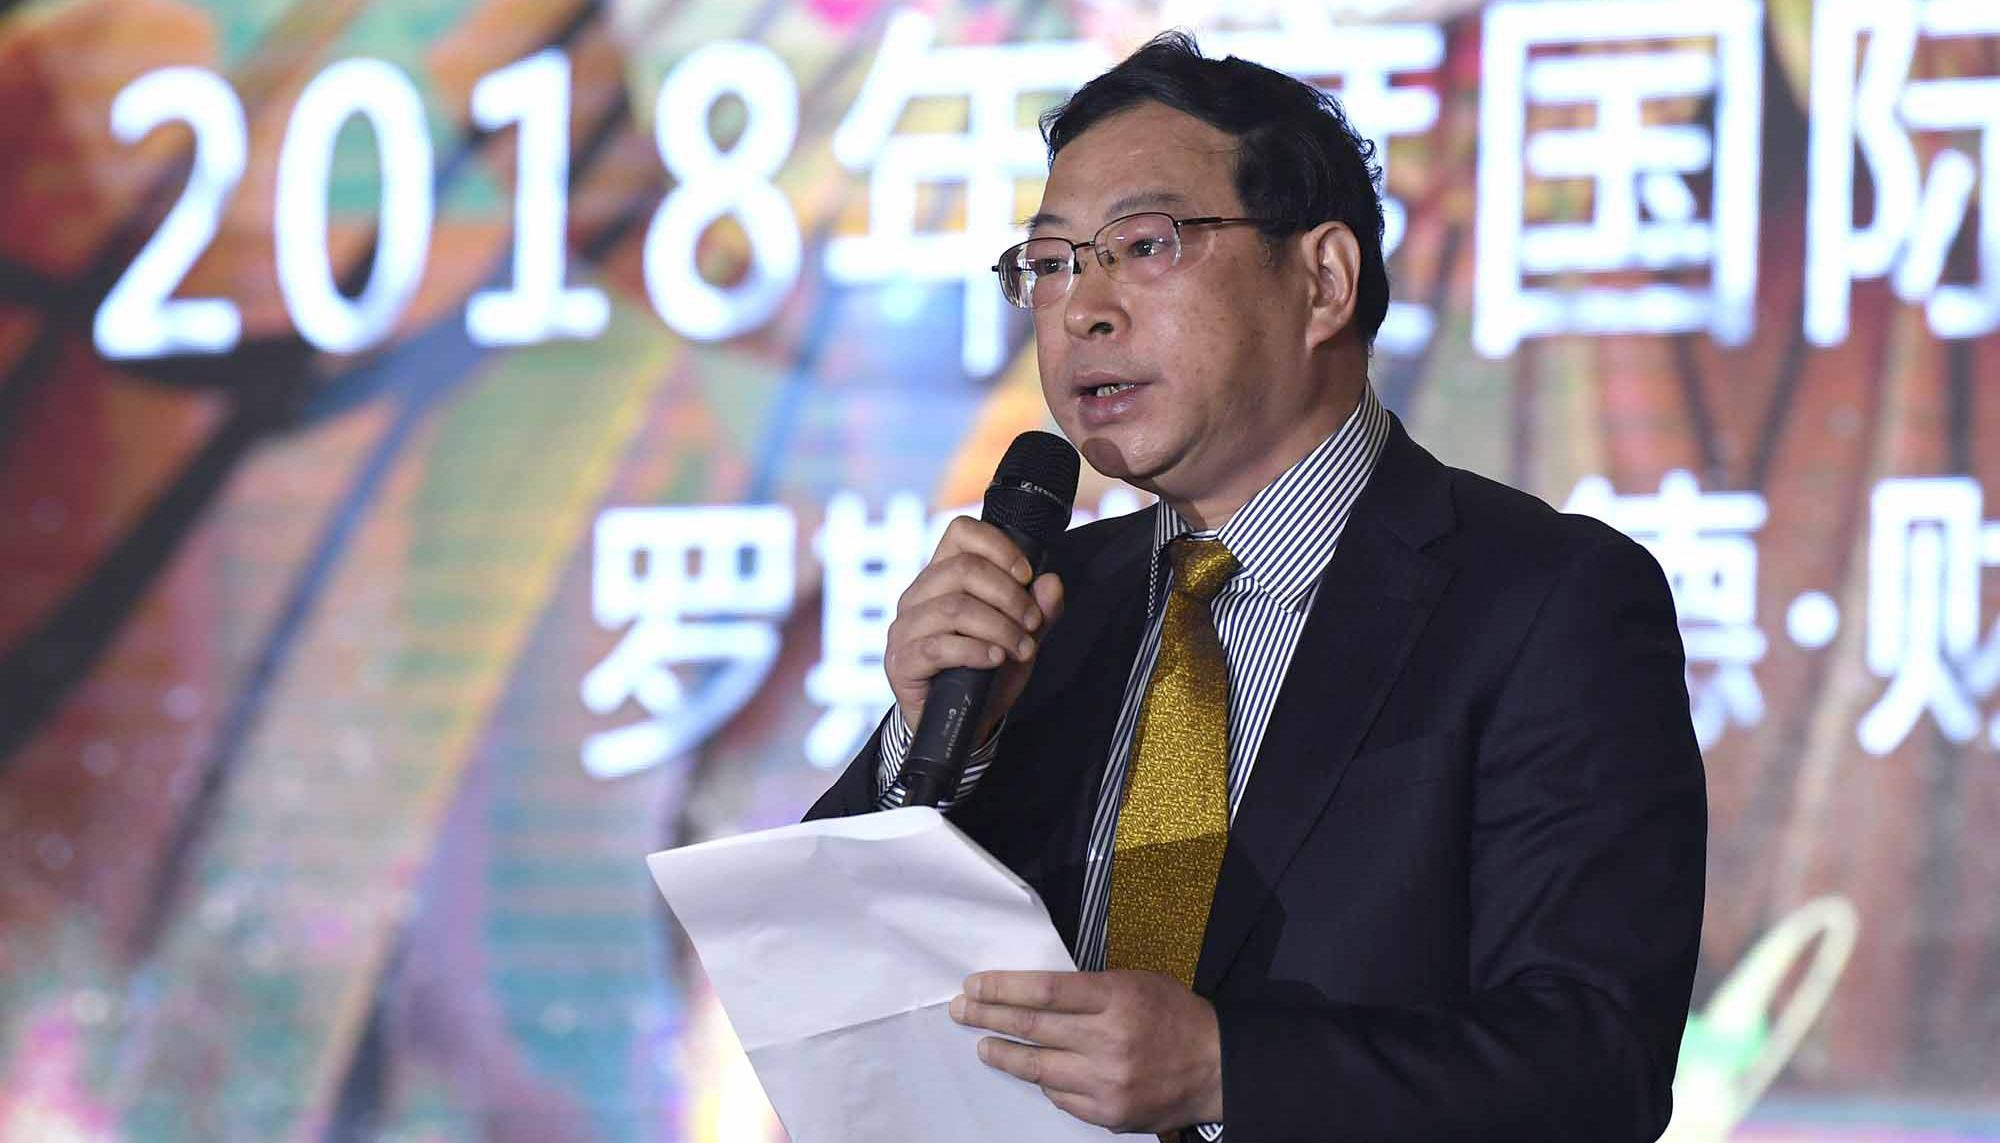 中国财富传媒集团副总裁、党委委员、董事庞伟华致辞